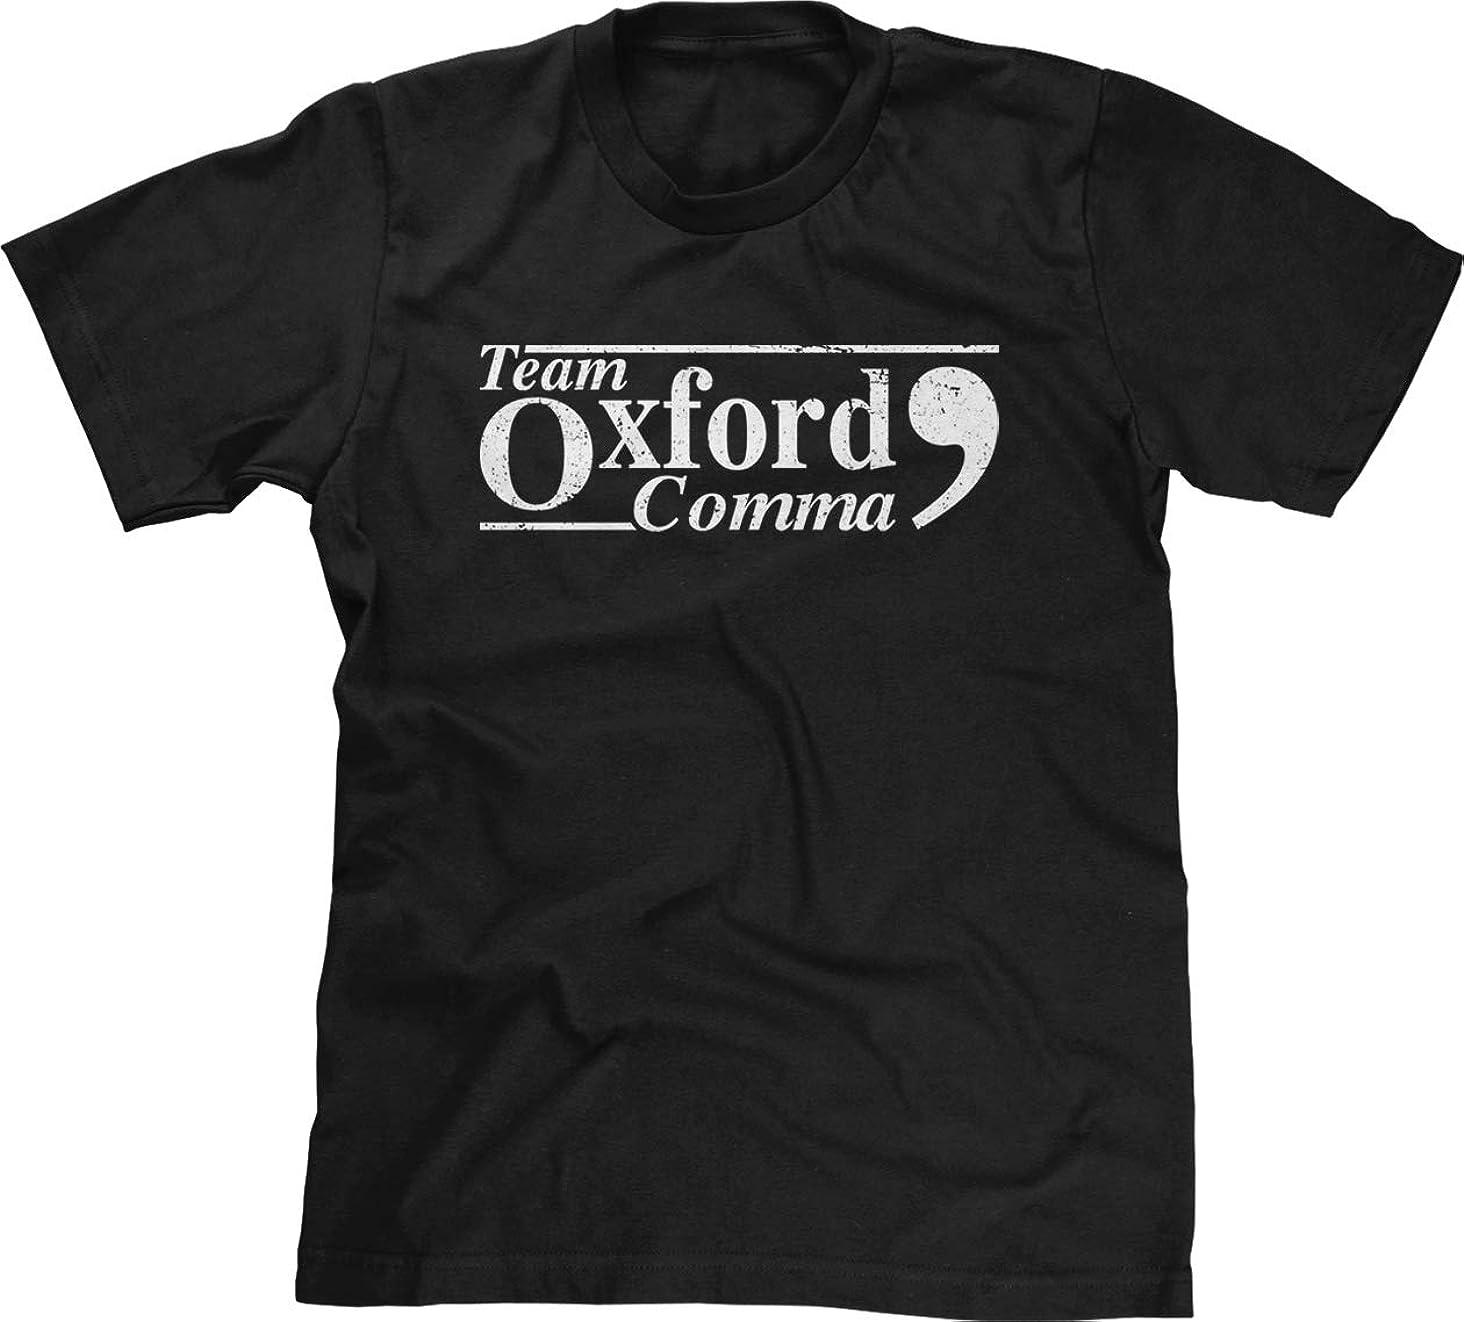 Blittzen Mens T-Shirt Team Oxford Comma - Punctuation Proud